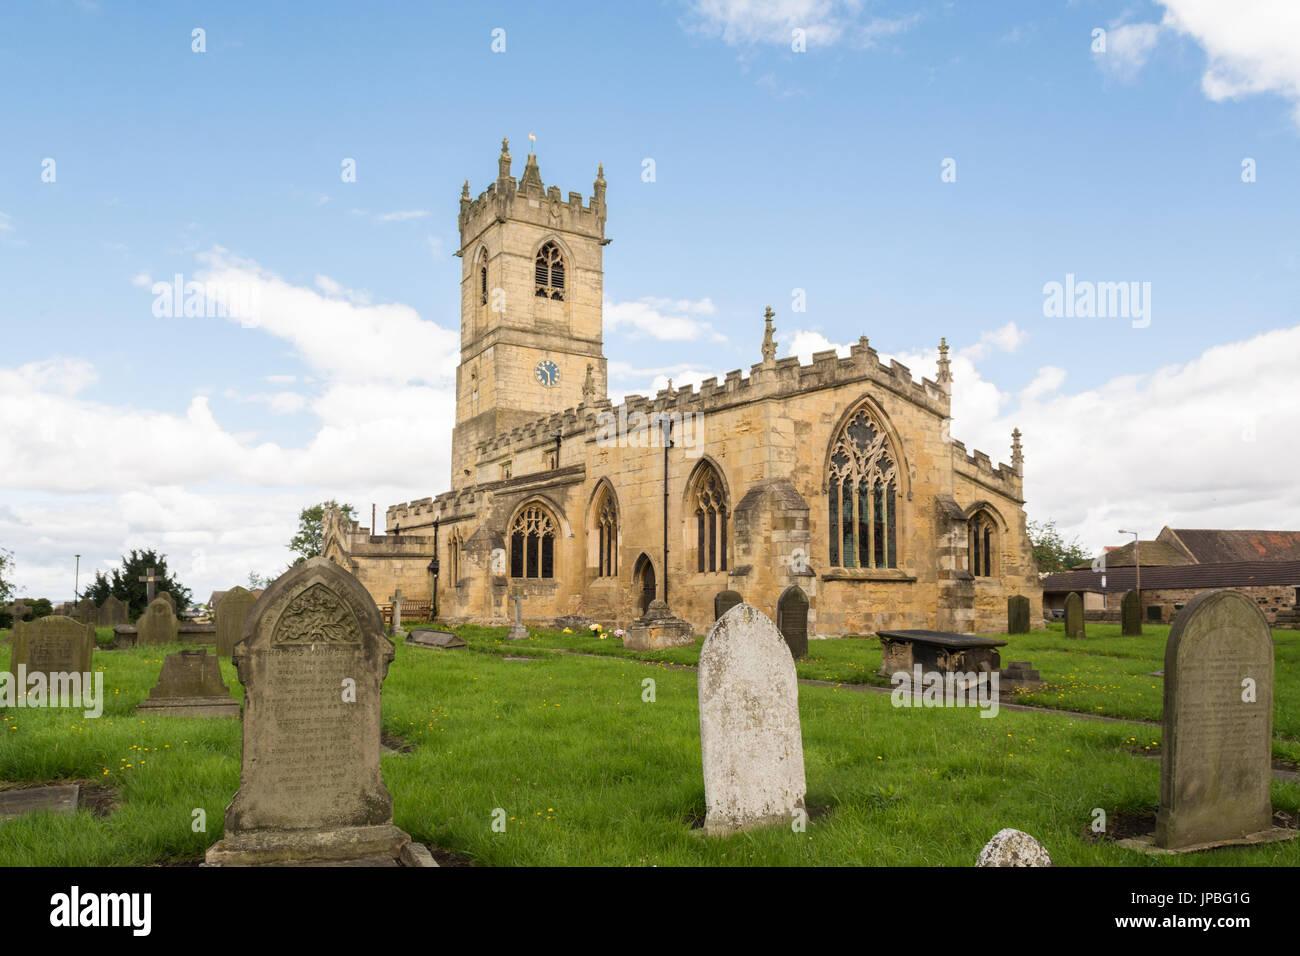 L'église Saint Pierre, Barnburgh, Doncaster, South Yorkshire, Angleterre, Royaume-Uni Banque D'Images